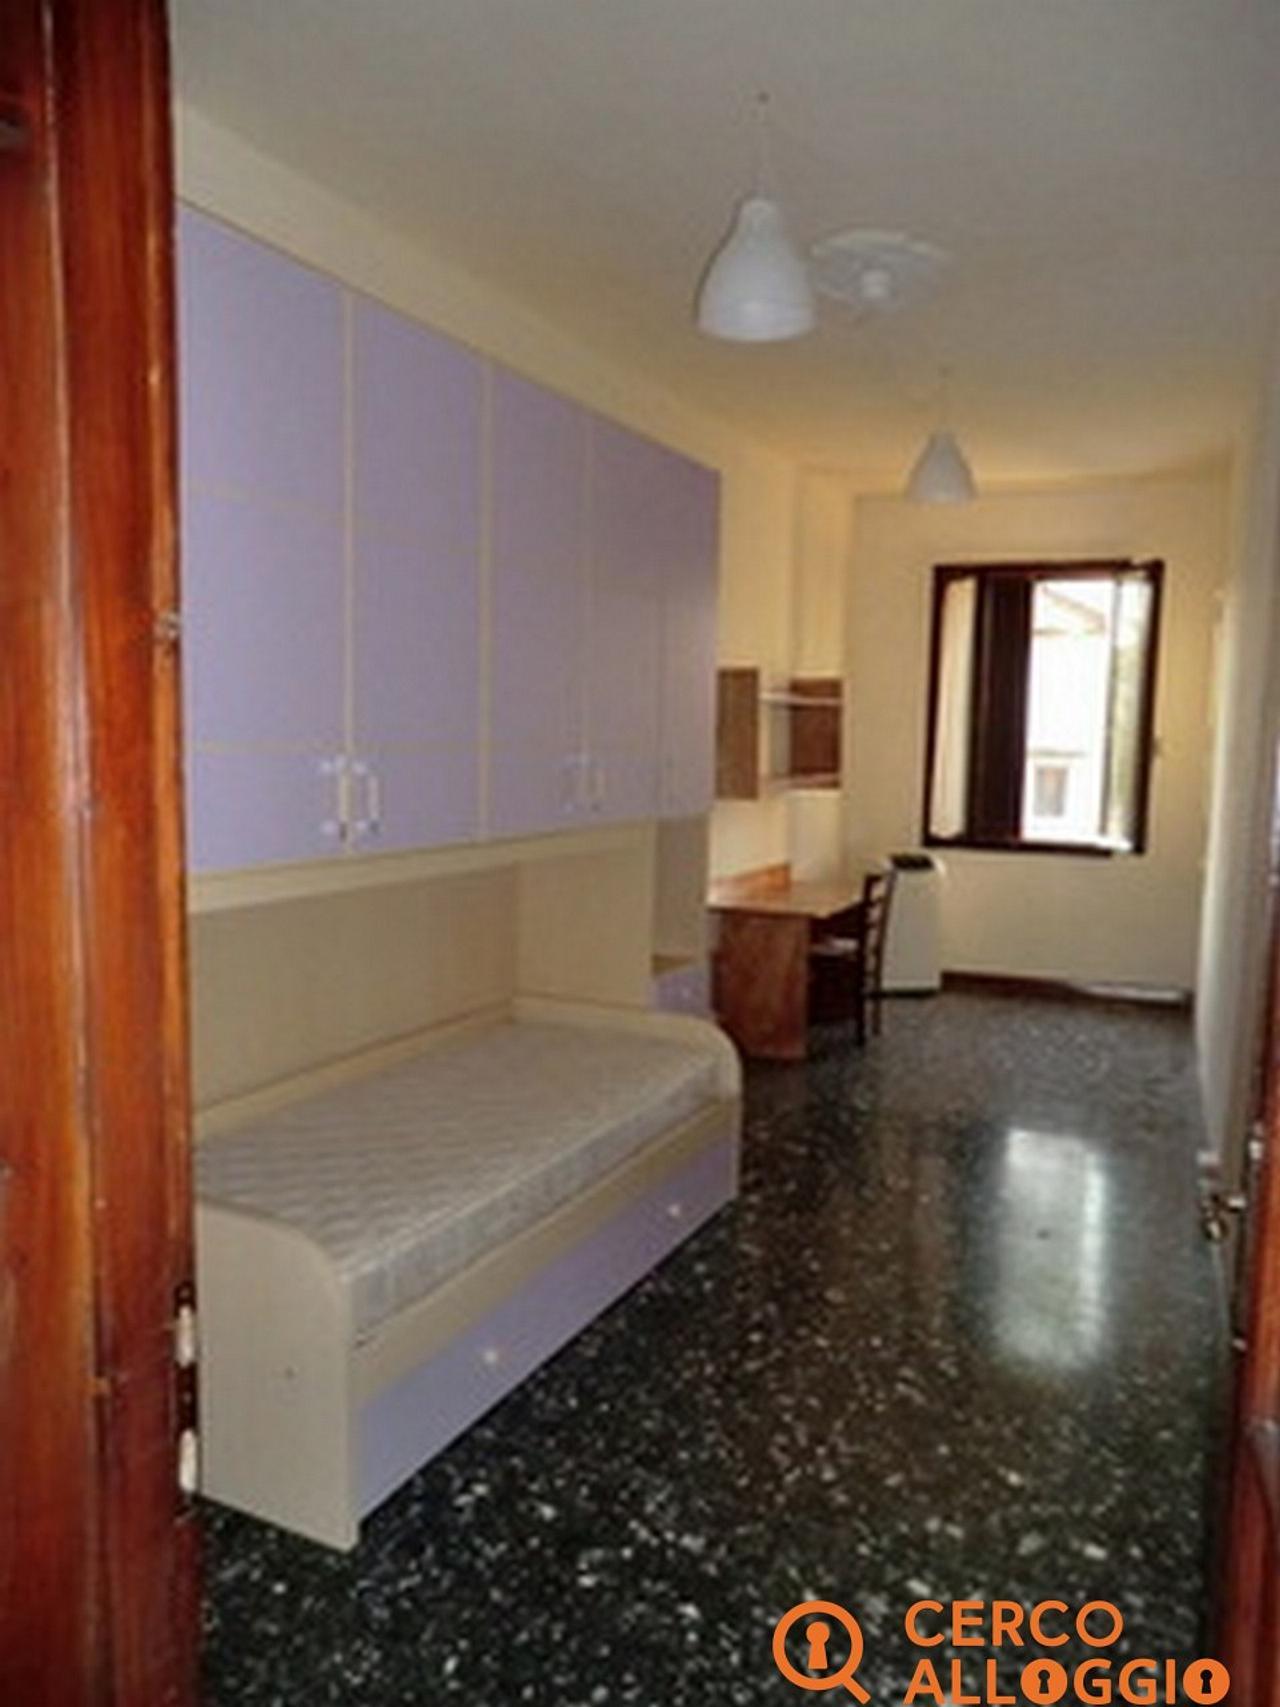 Copertina camera in affitto a Pisa